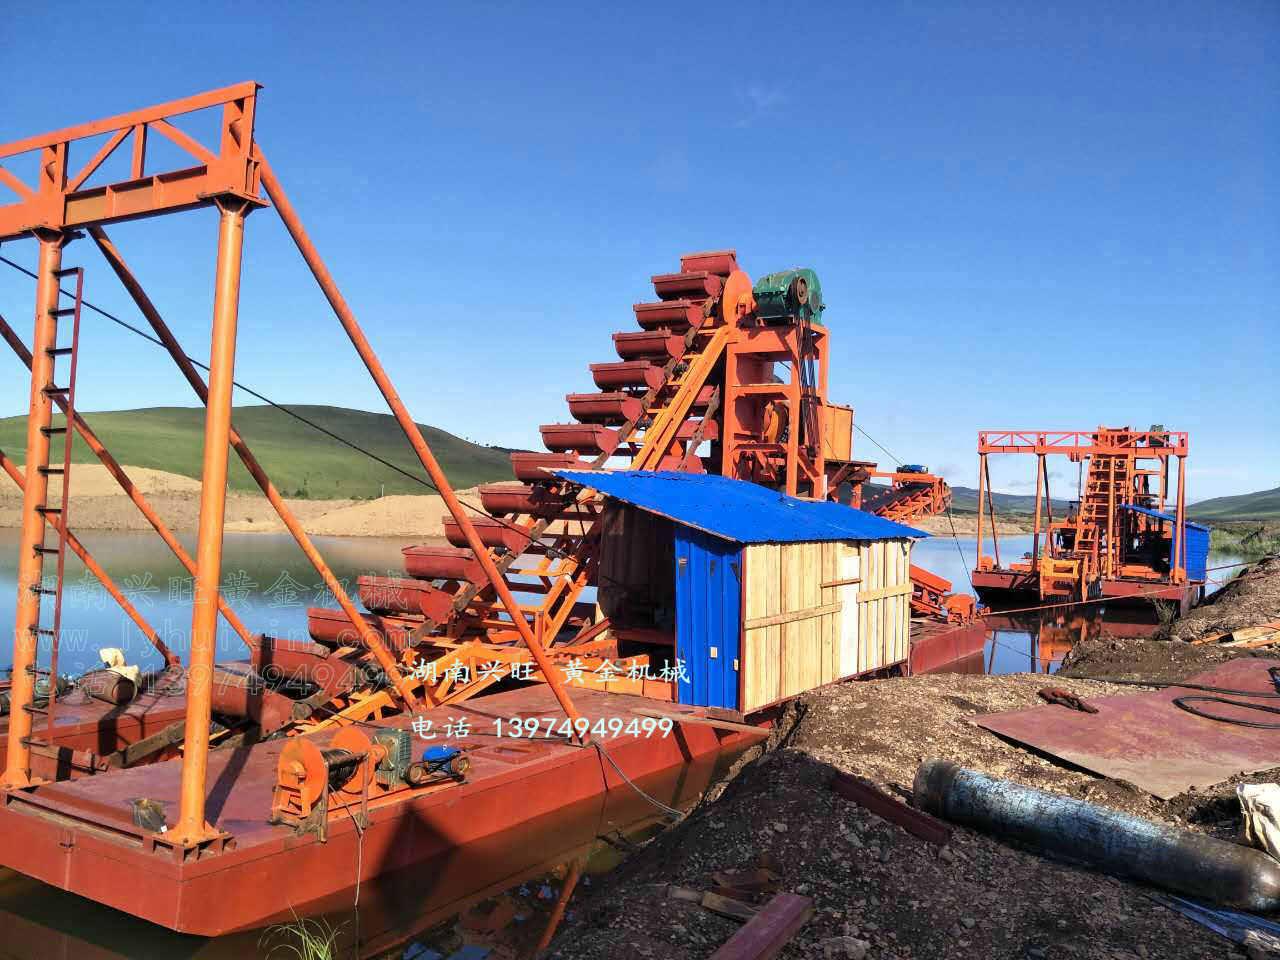 湖南选矿设备厂家 浏阳汇鑫工贸选矿设备 优质选矿设备